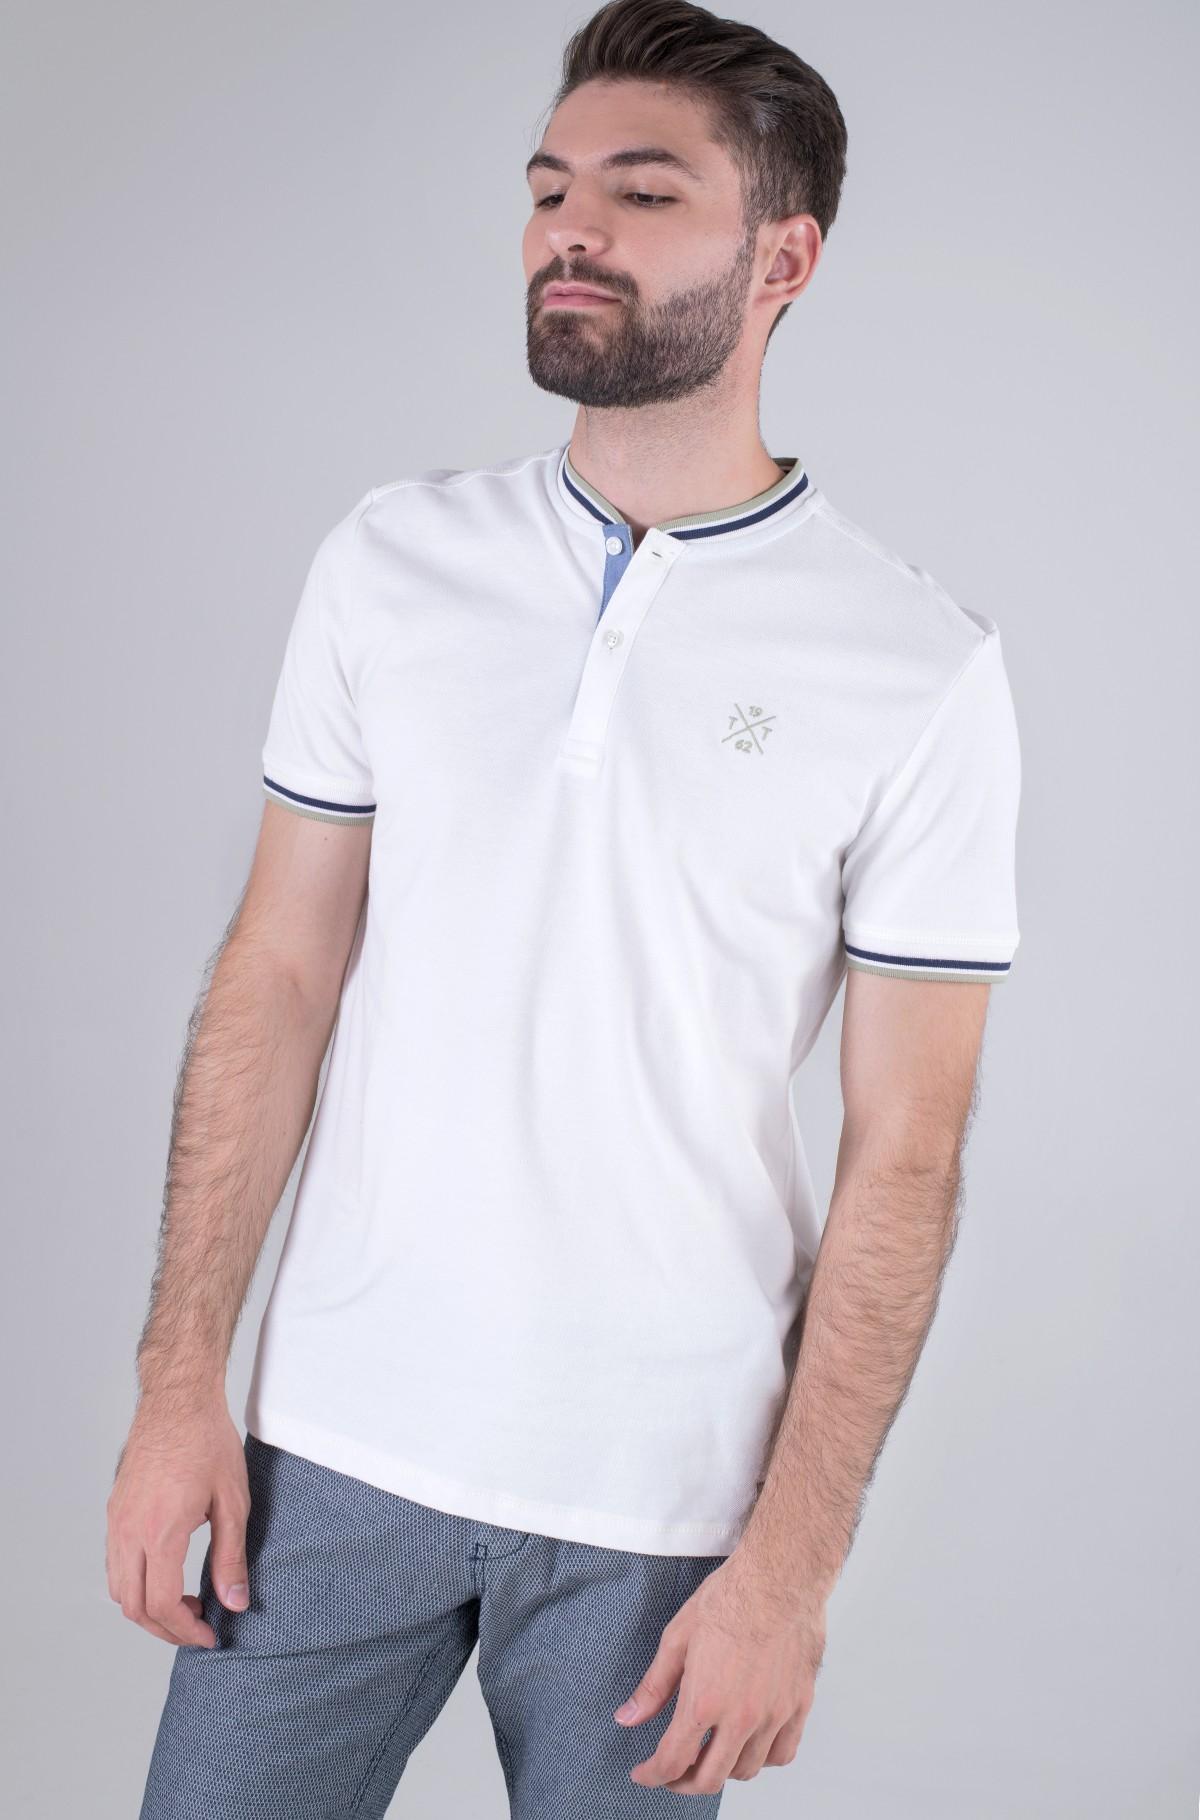 Polo krekls  1026011-full-1